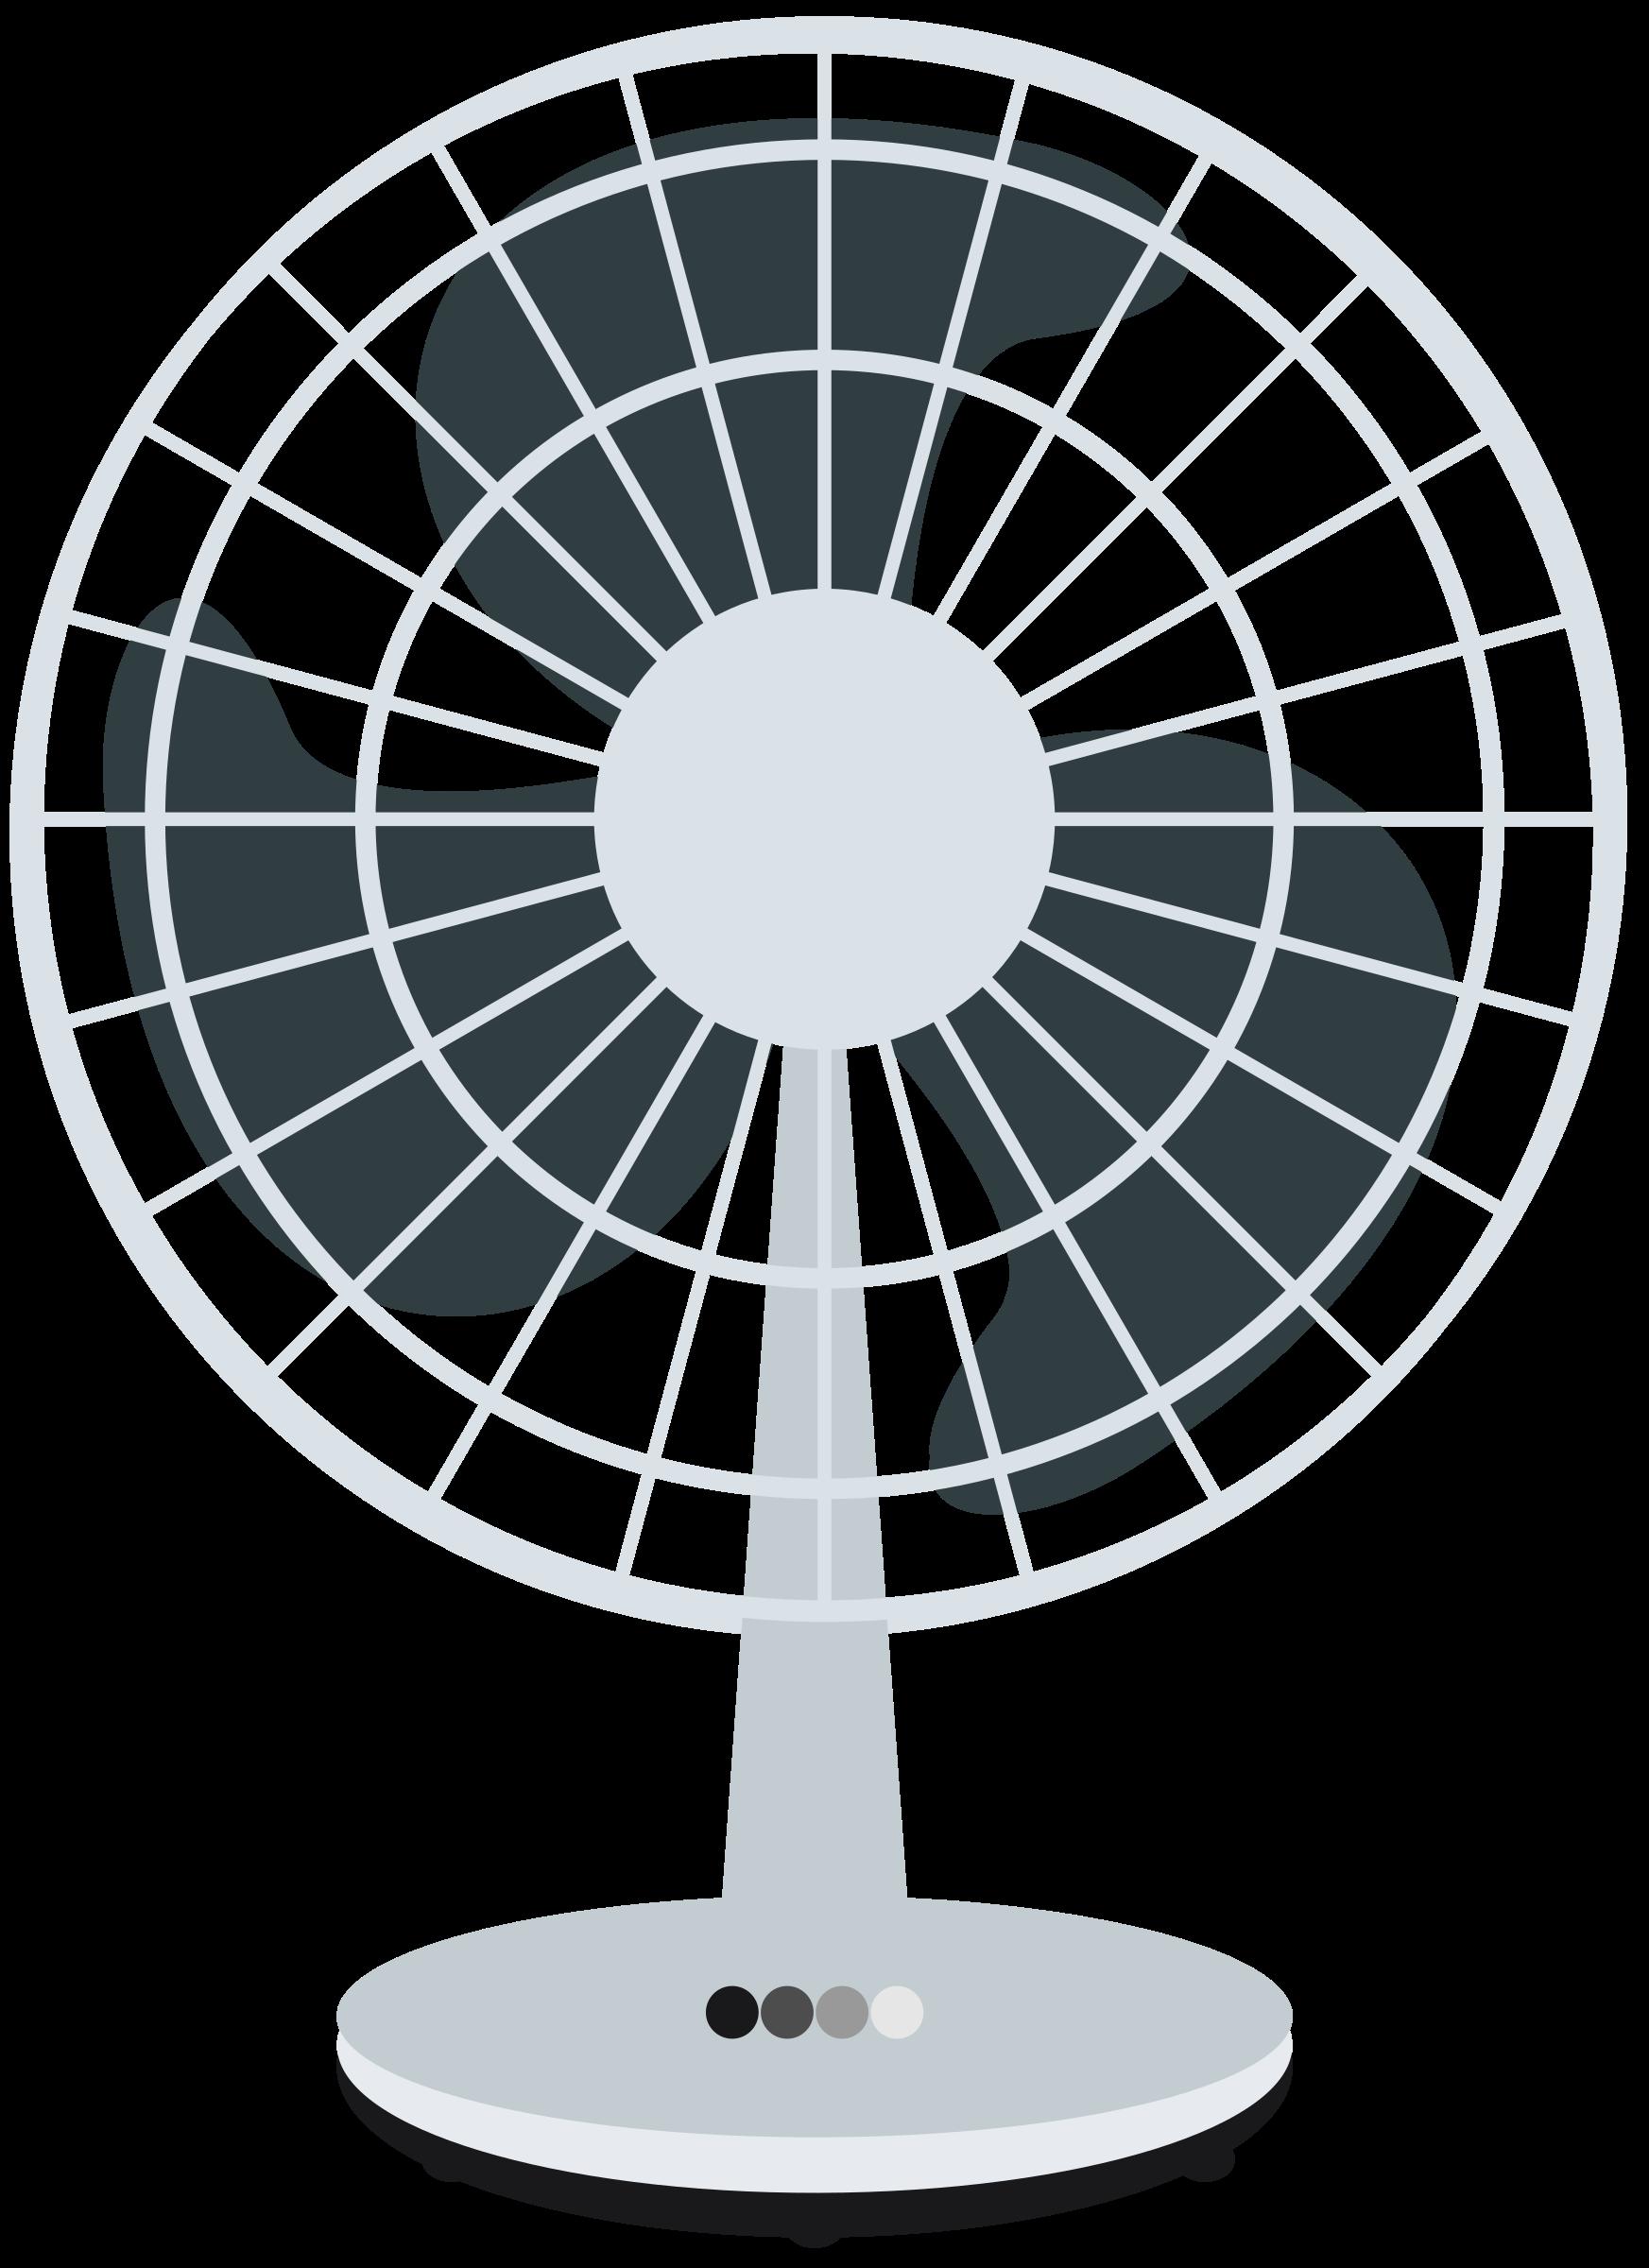 Fan Png Image Fan Hand Fan Desk Fan